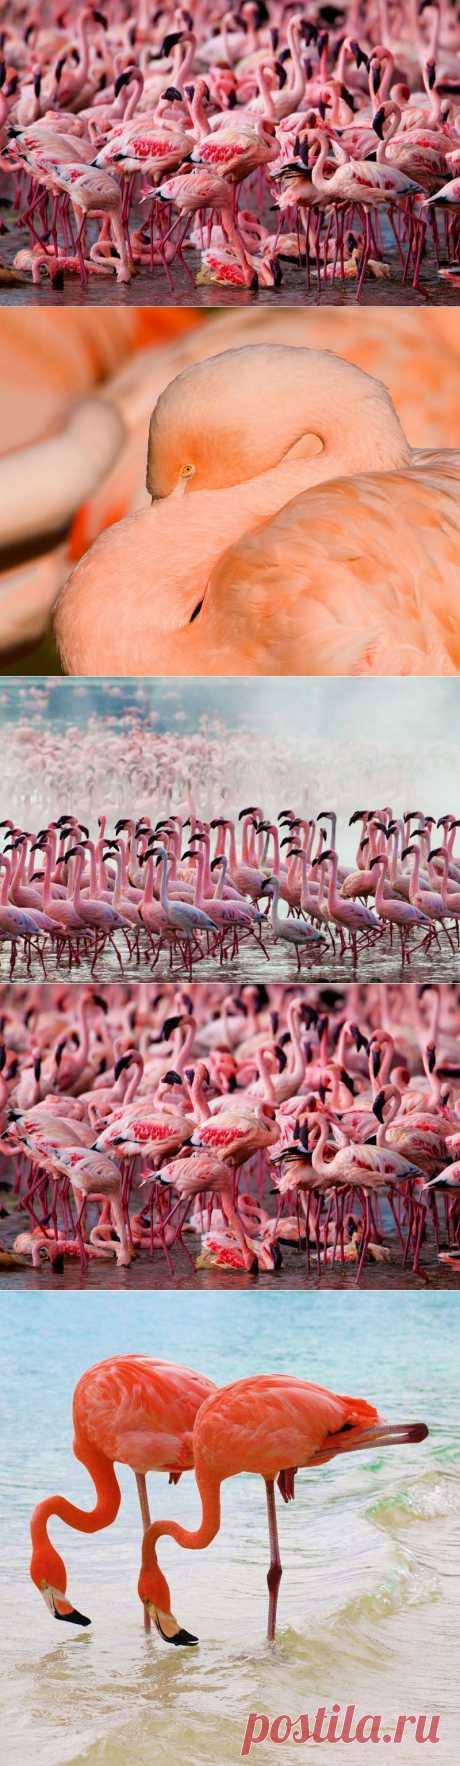 Страна розовых фламинго :  НОВОСТИ В ФОТОГРАФИЯХ